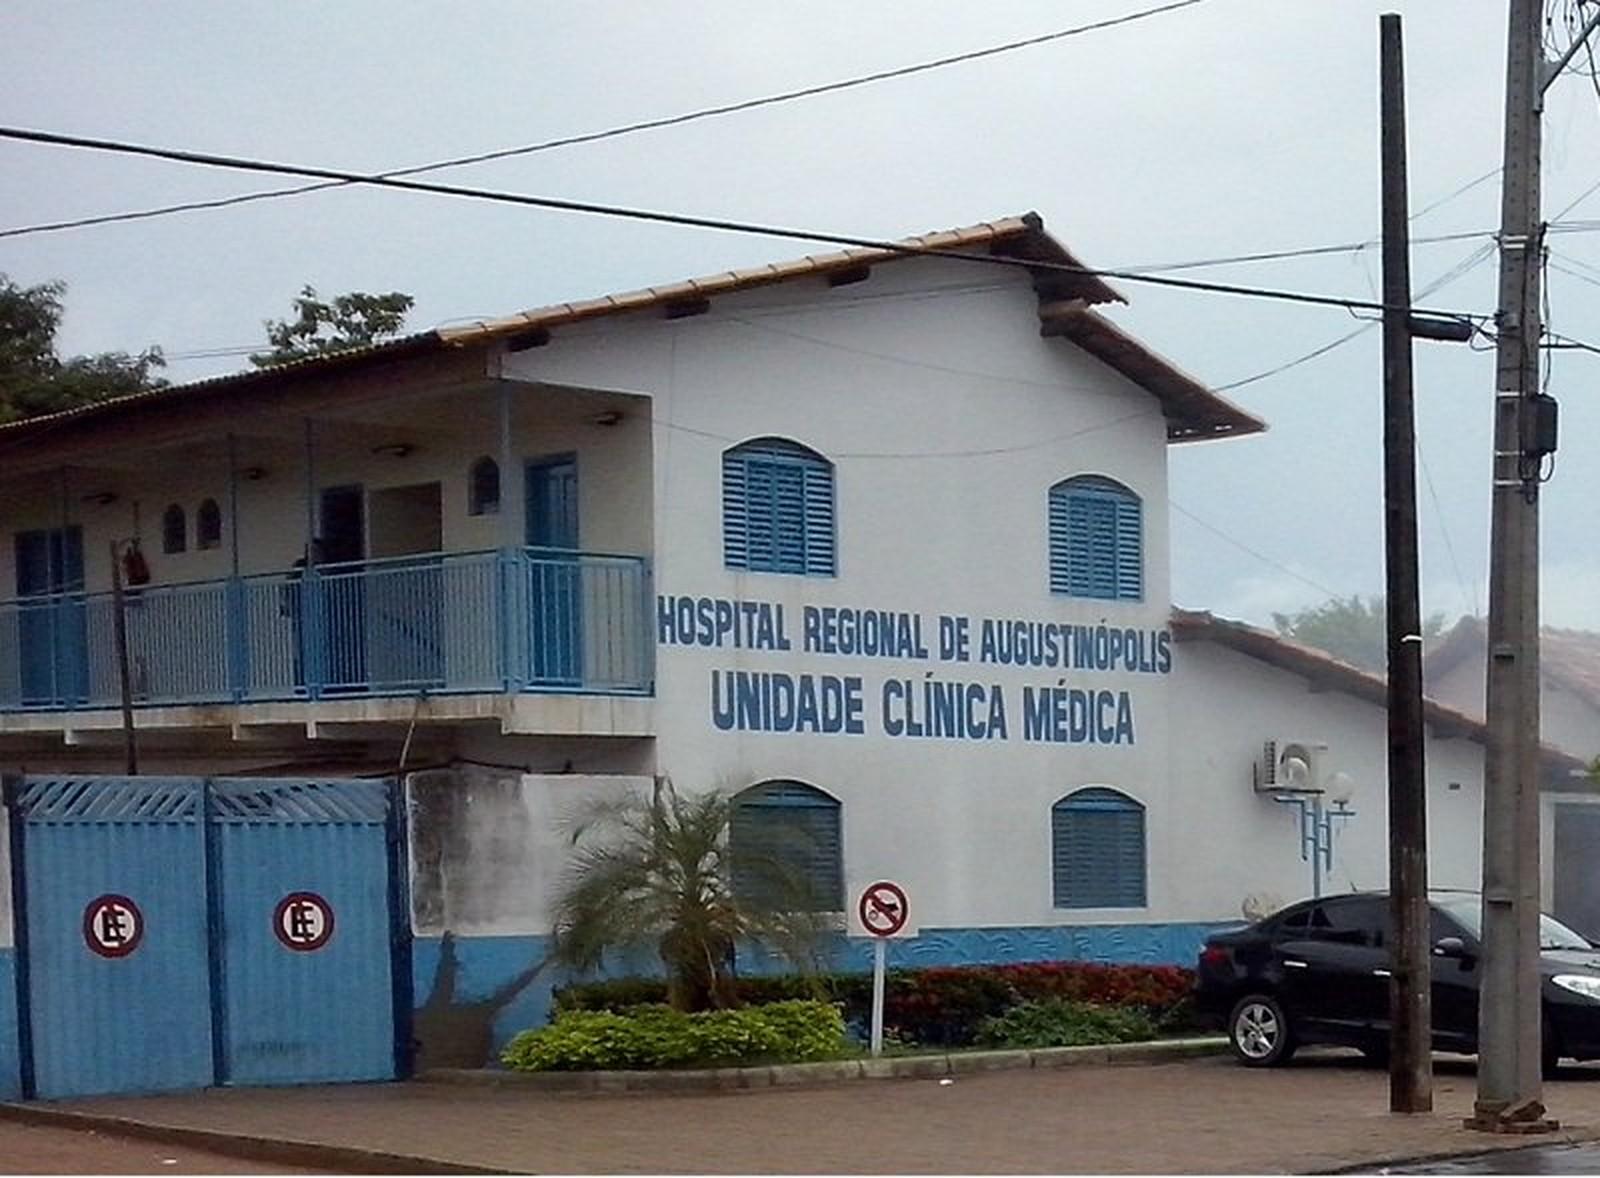 MPE realiza audiência pública para discutir deficiências na prestação de serviços no Hospital Regional de Augustinópolis